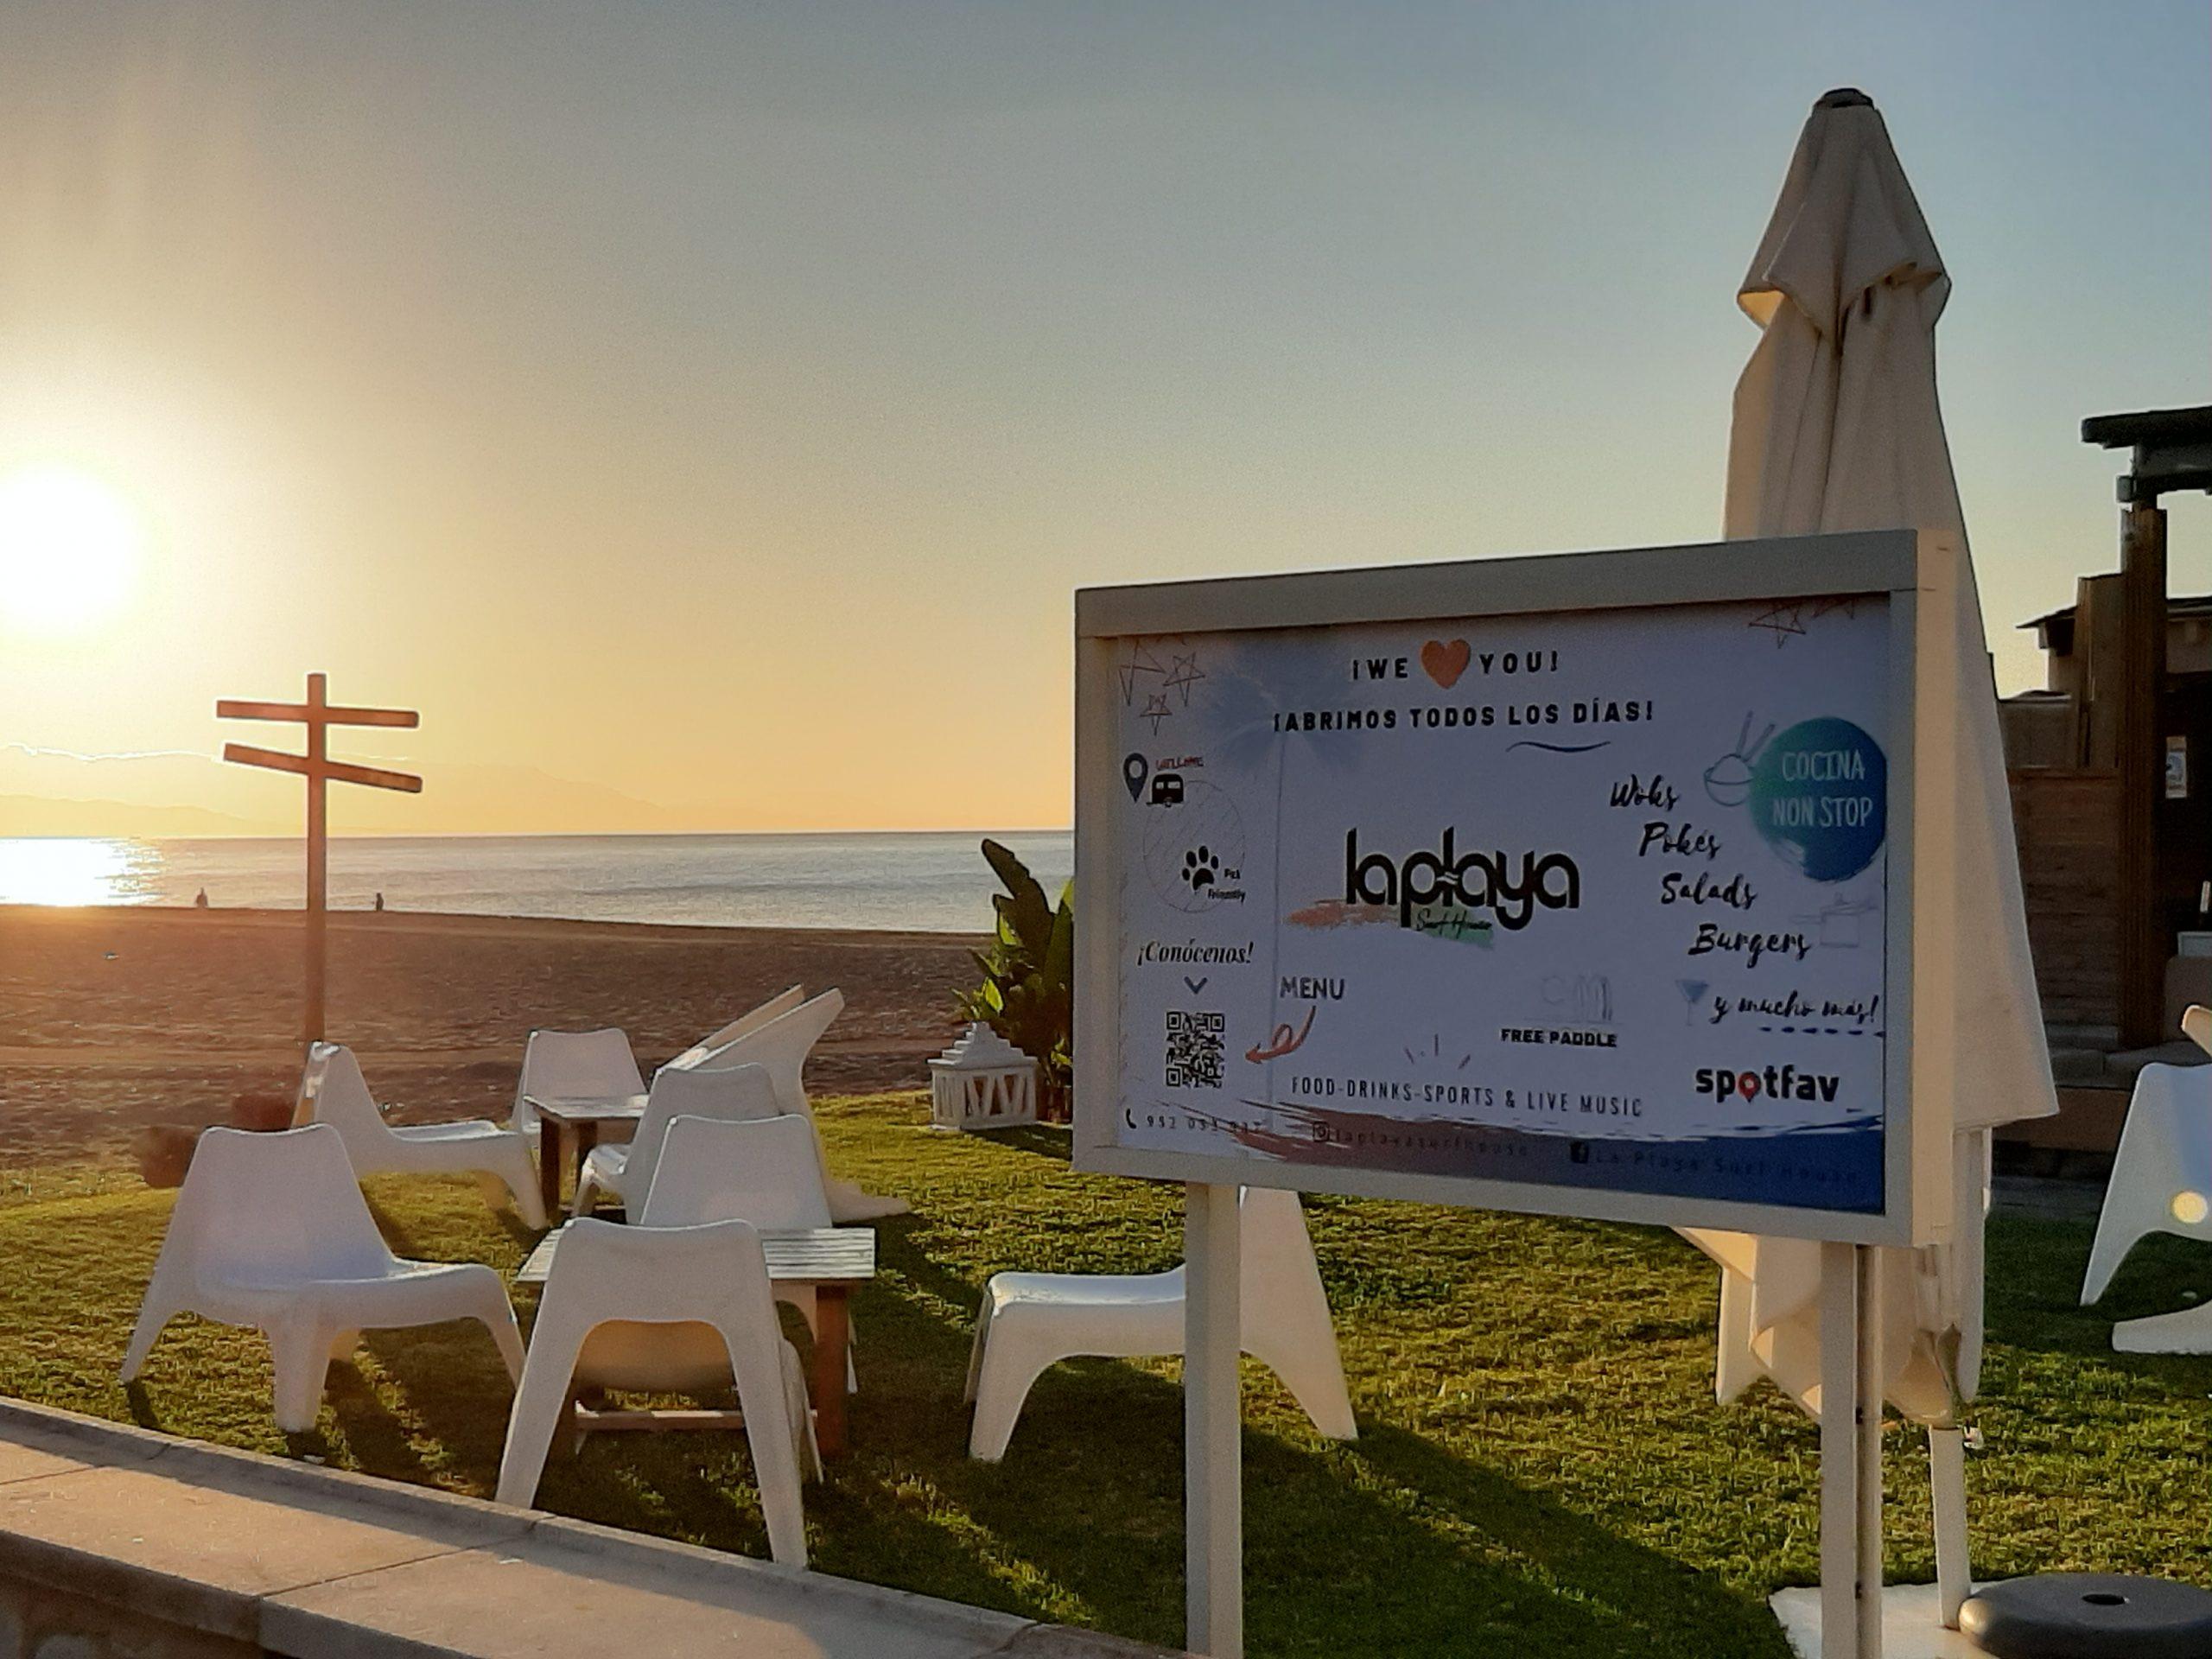 costa del sol playas verano 2020